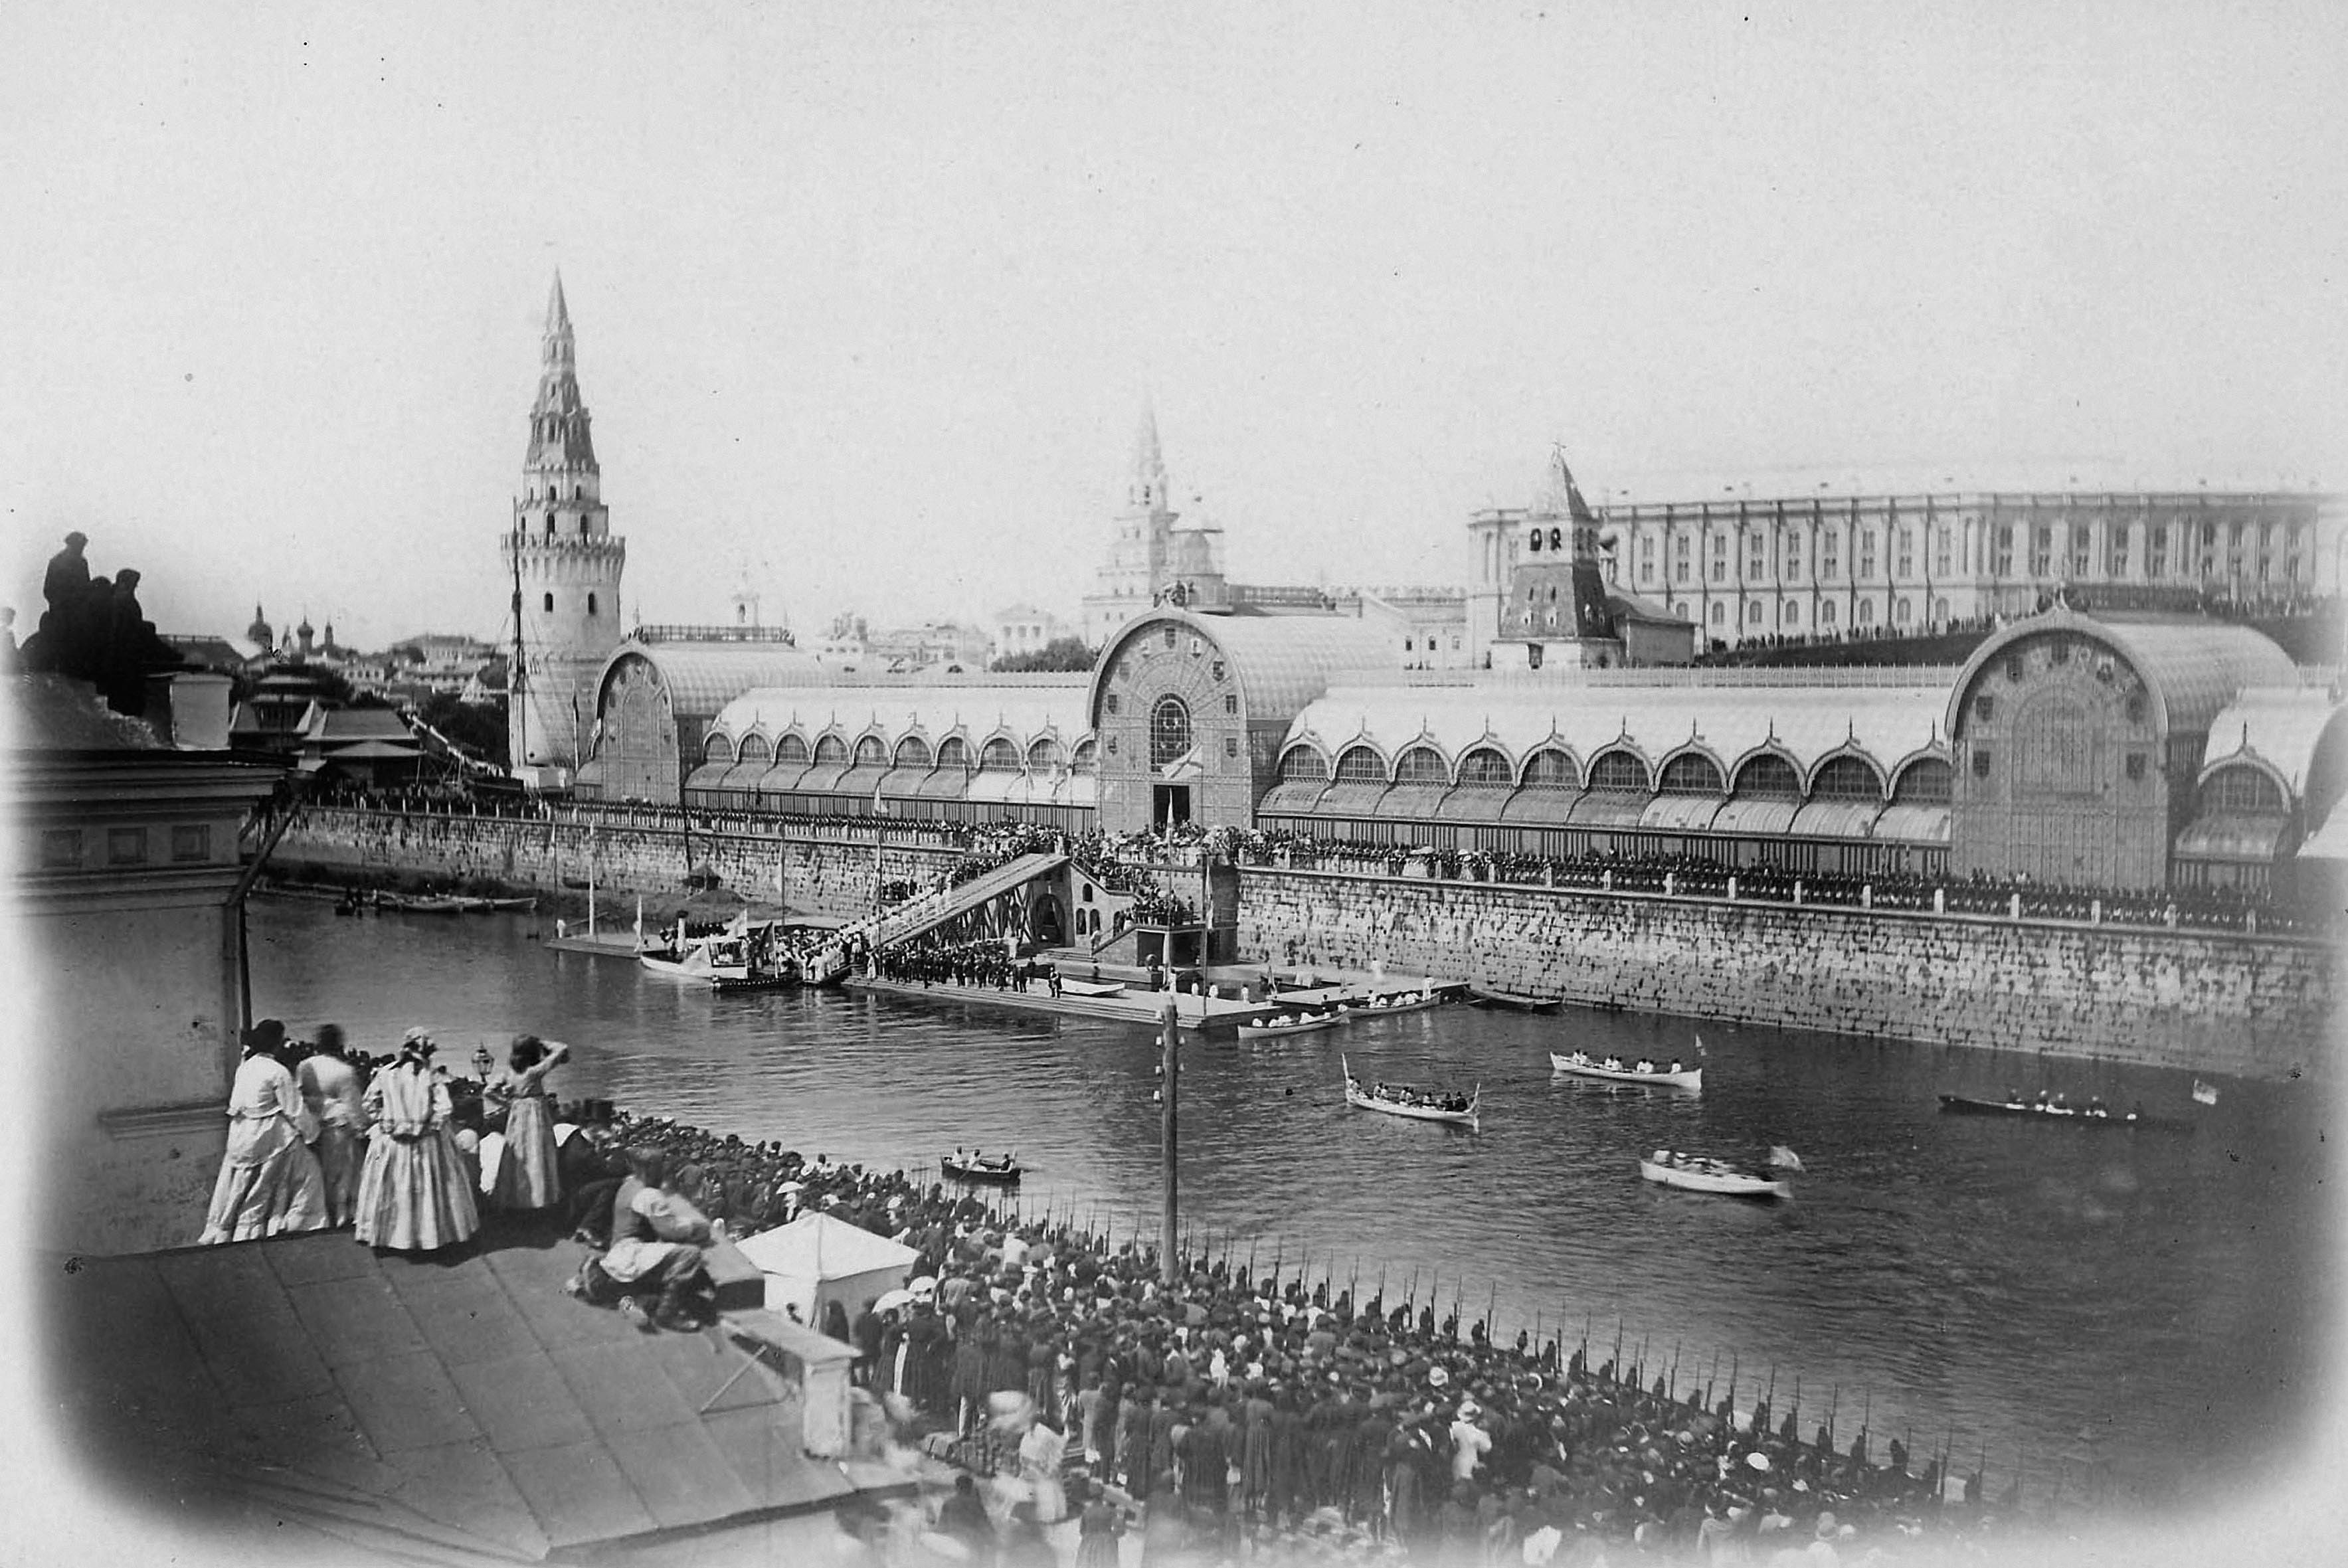 Приём ботика Петра I на Политехническую выставку в день празднования двухсотлетия Петра 30 мая 1872